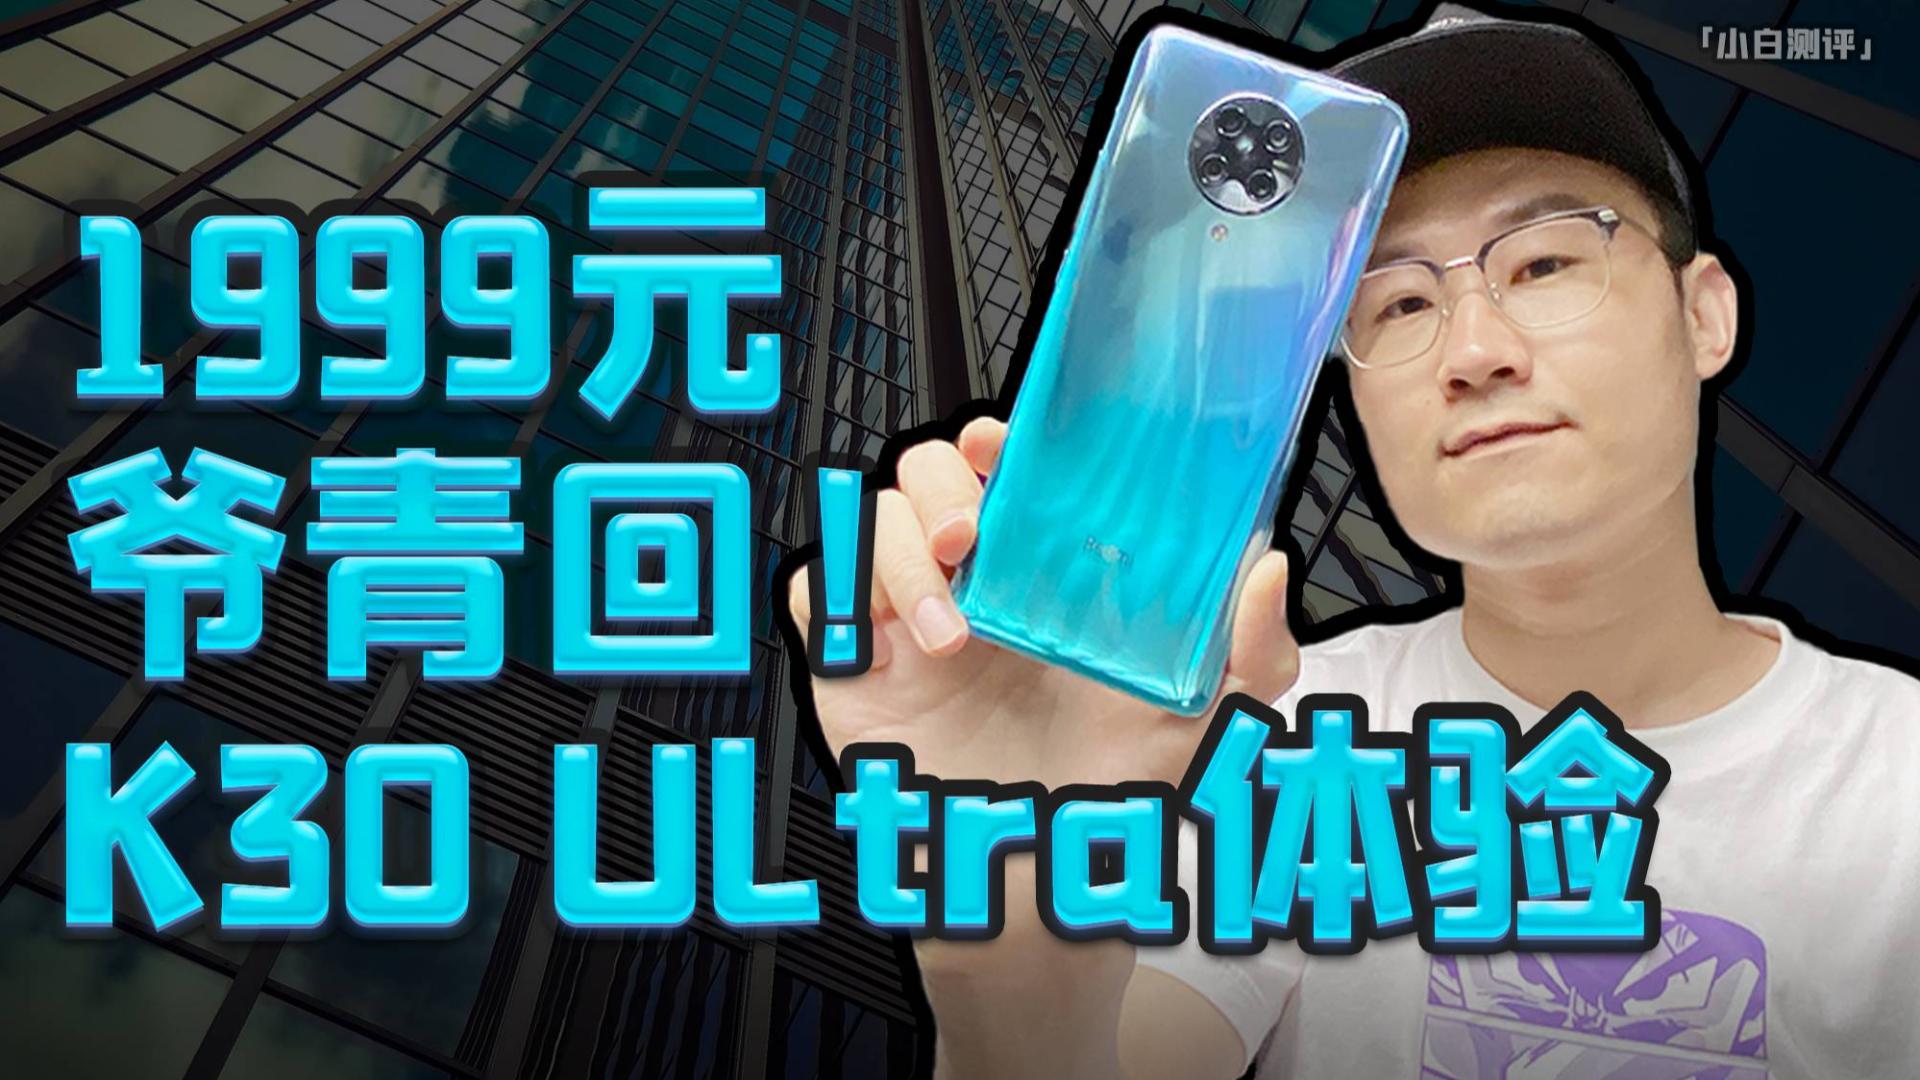 「小白测评」红米的倔强 Redmi K30 Ultra体验 1999爷青回!